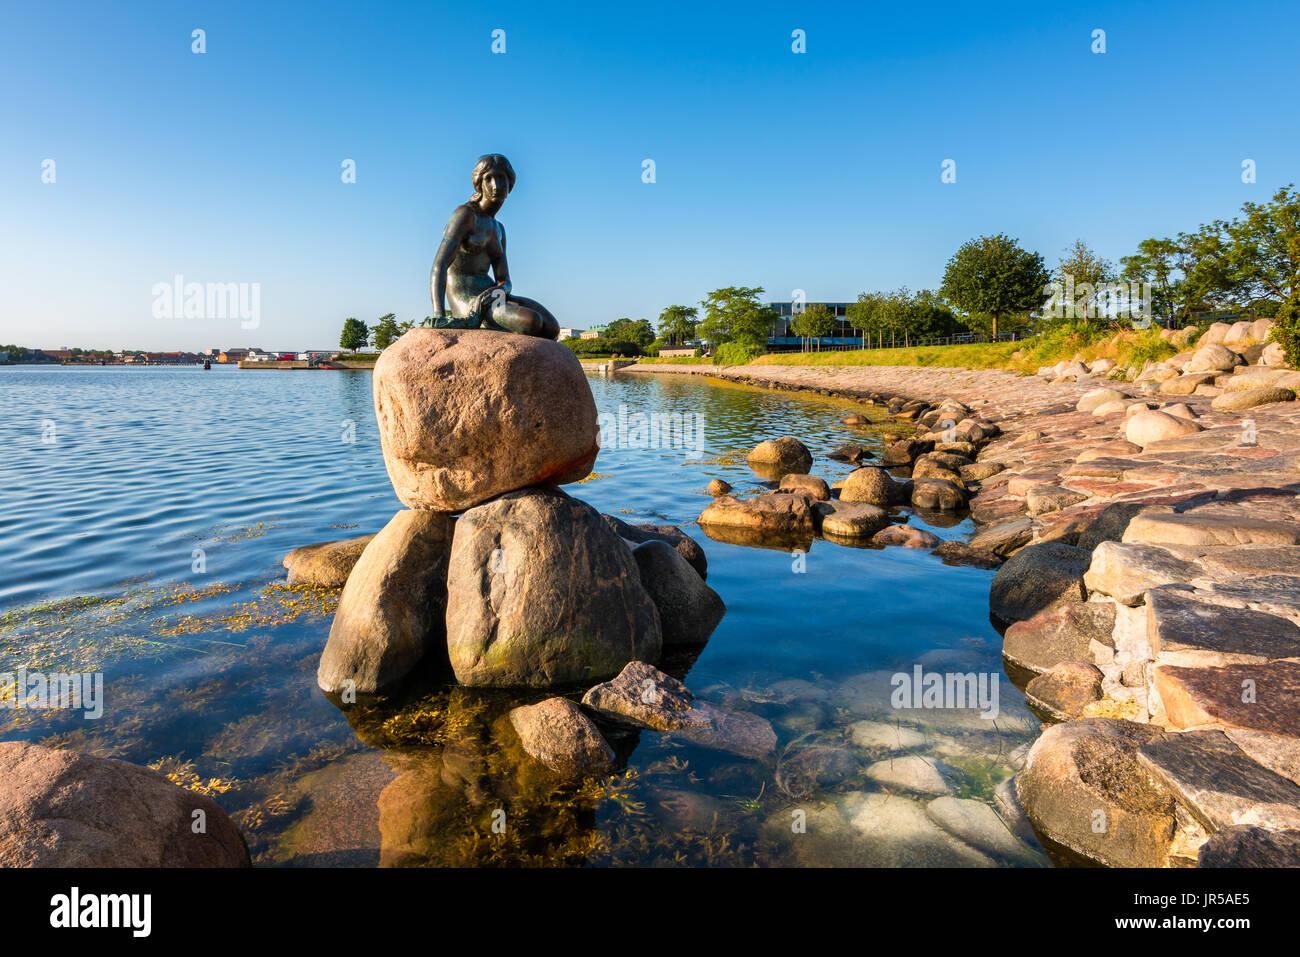 La famosa Sirenita en el puerto de Copenhagen, Dinamarca Imagen De Stock